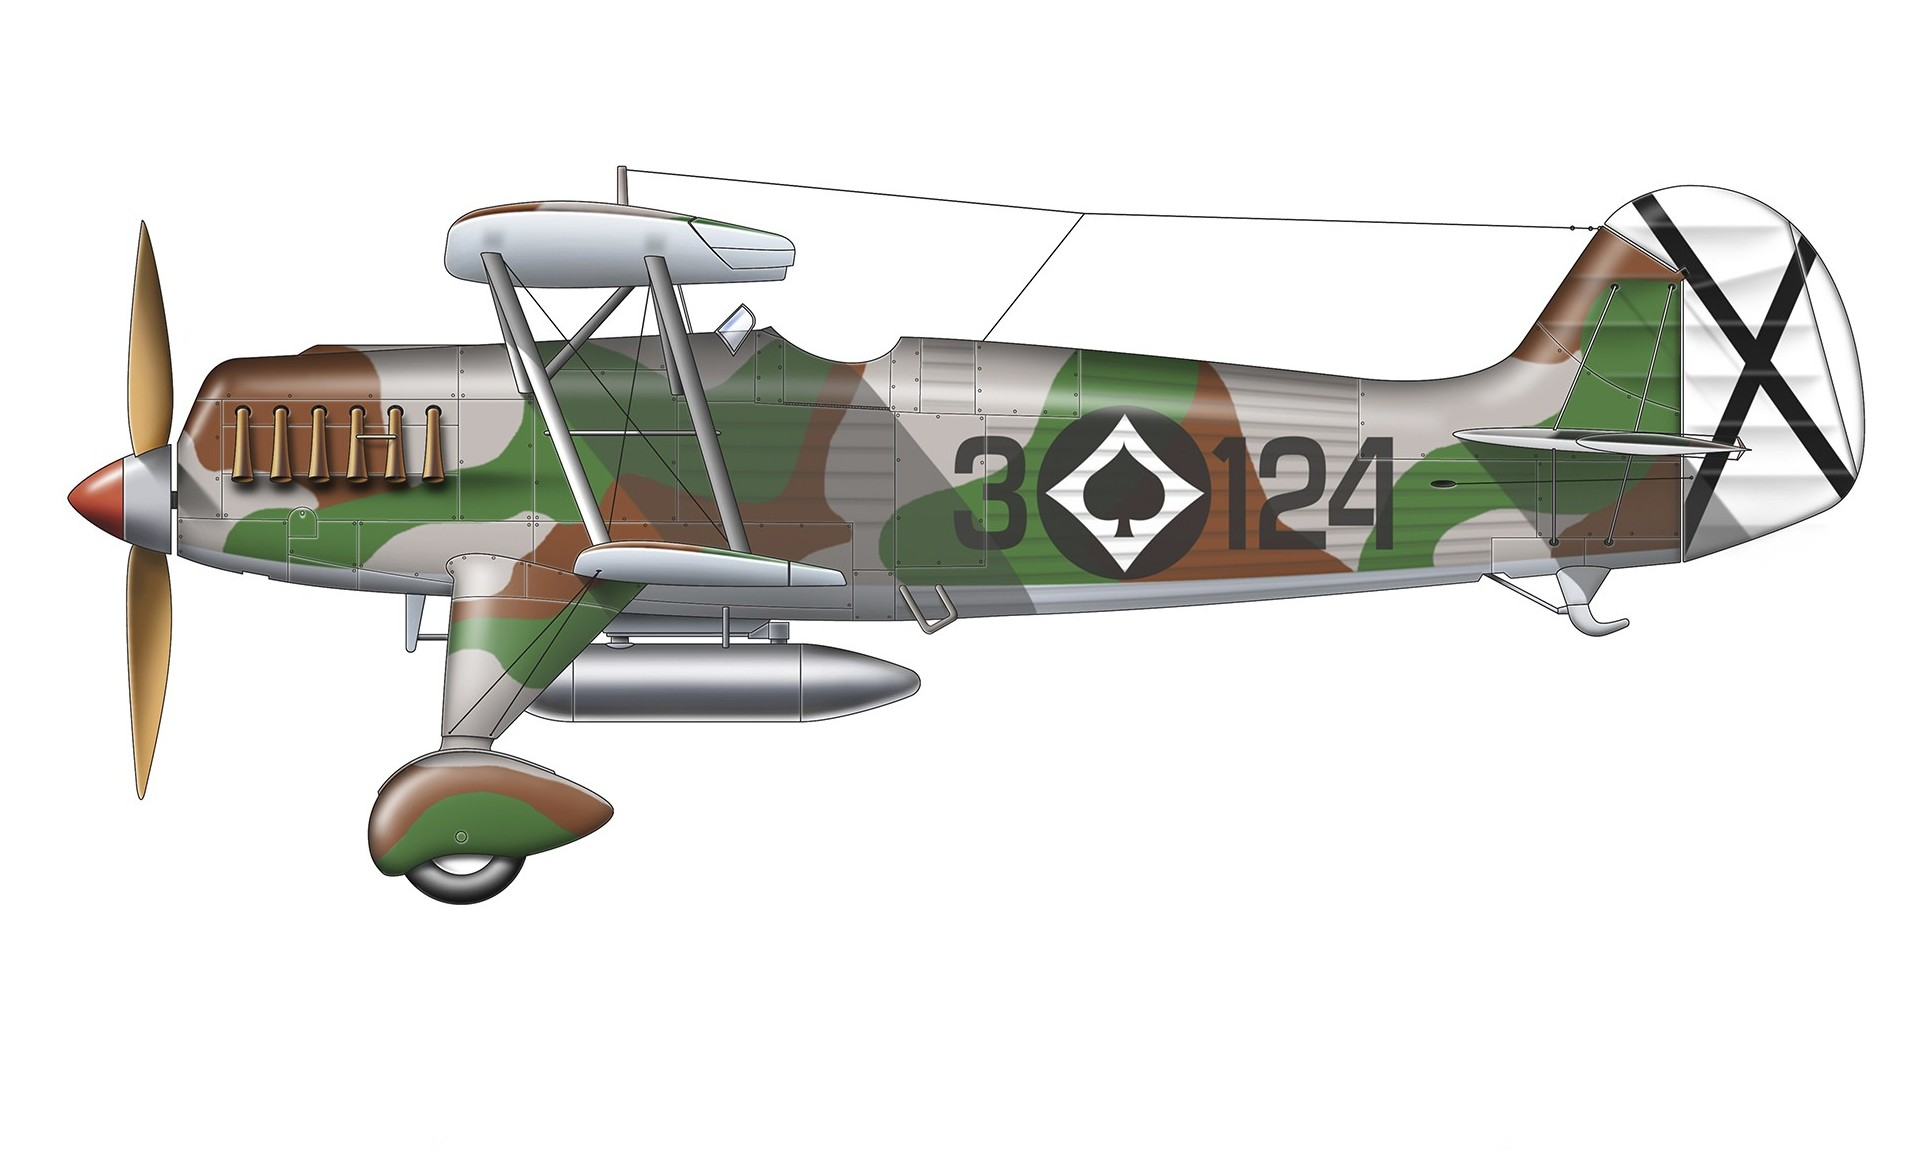 Heinkel He-51B-1